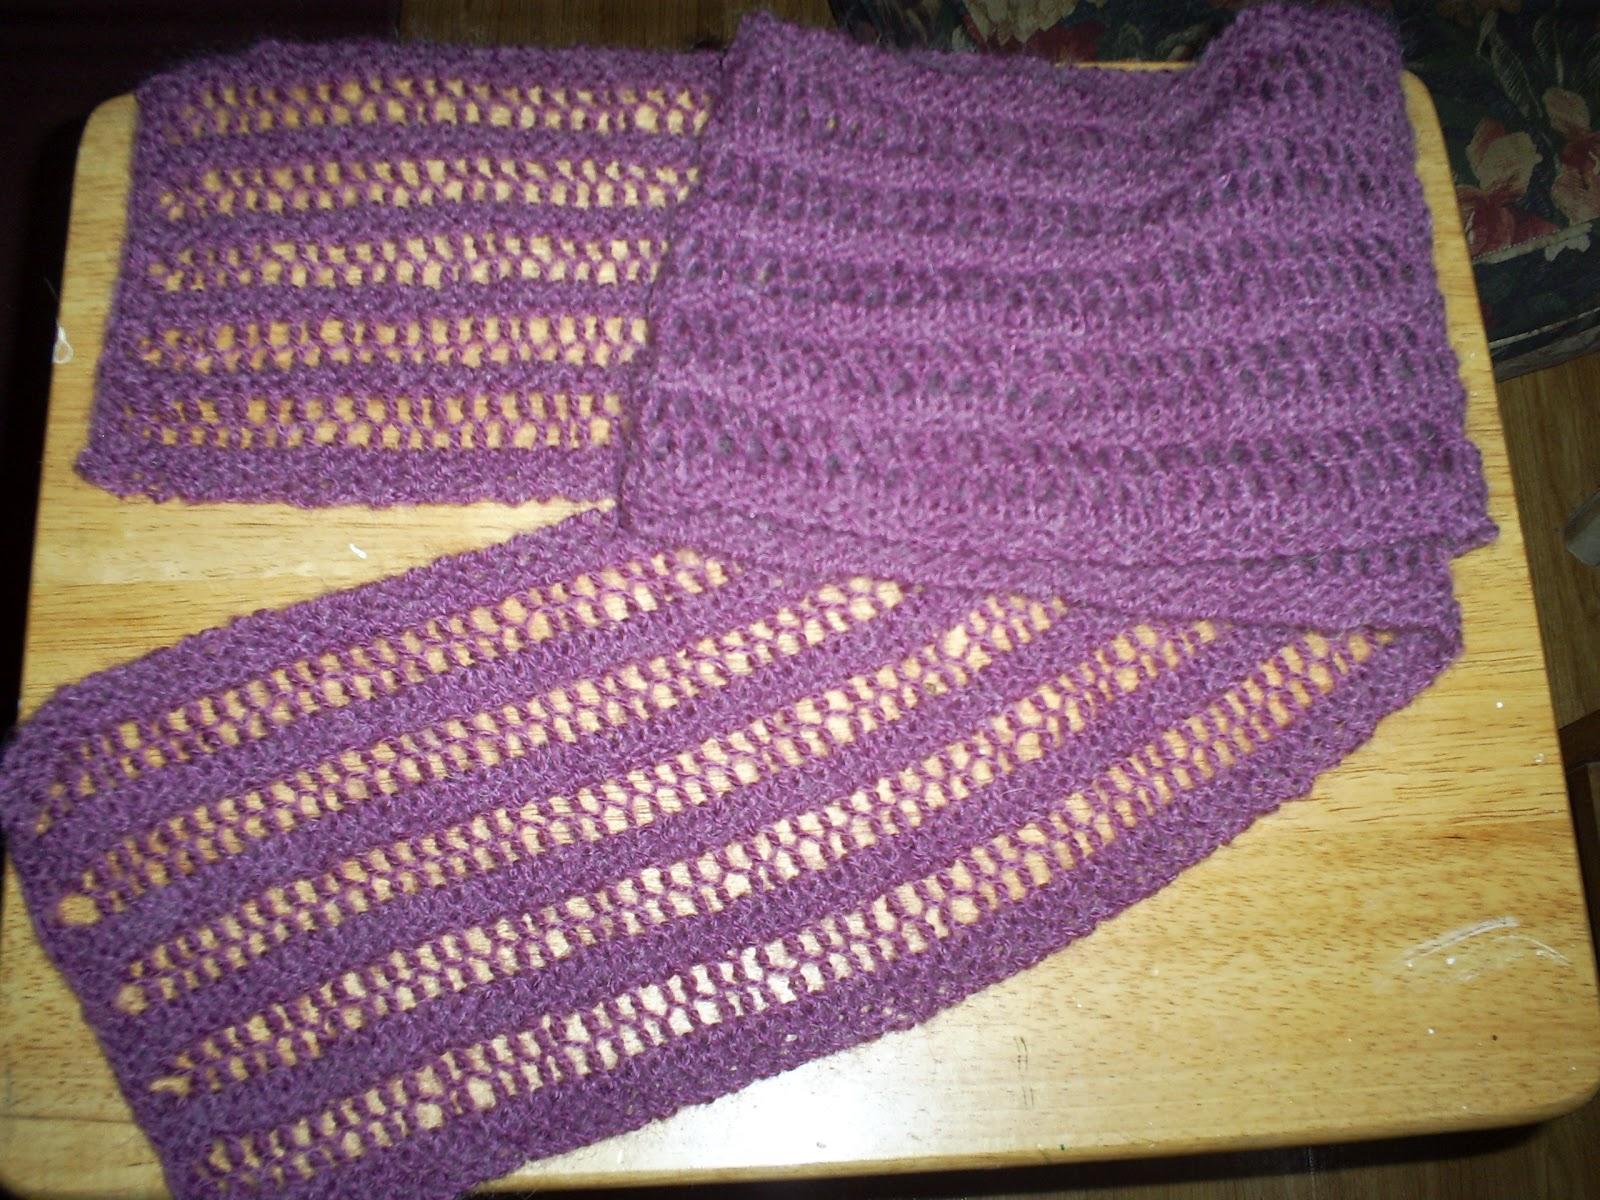 Crochet Forever April 2012